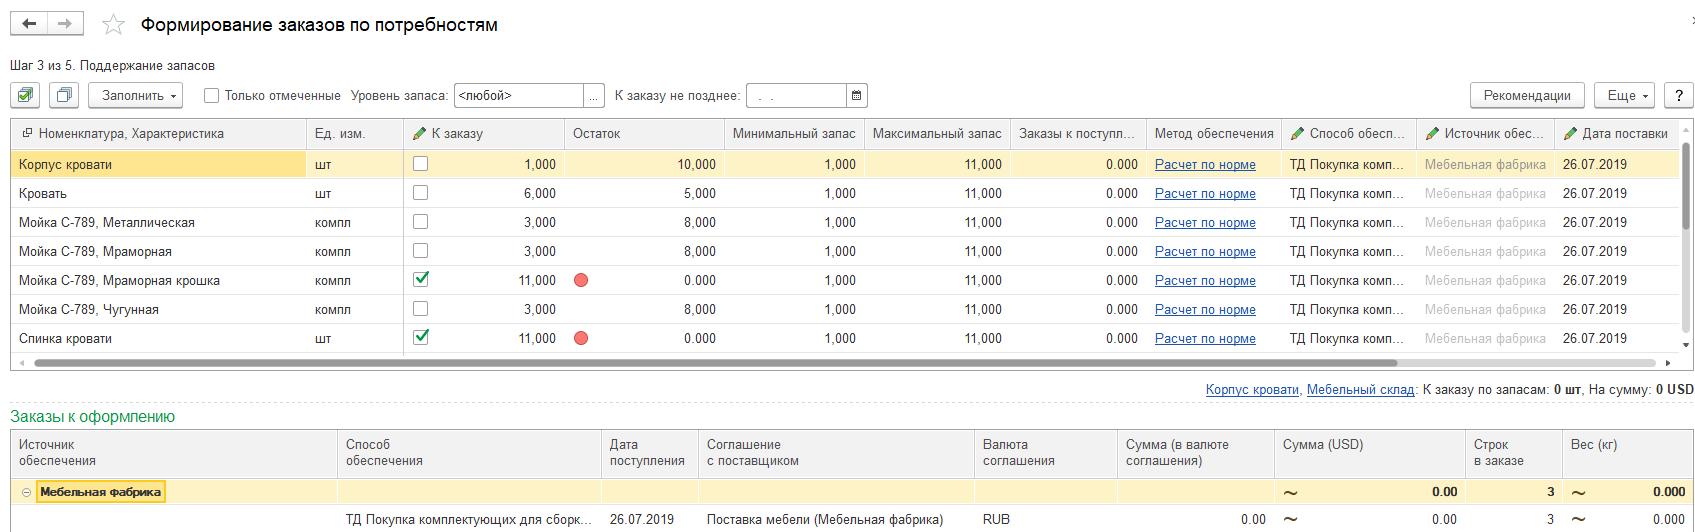 Формирование заказов по потребностям в 1С Комплексная автоматизация